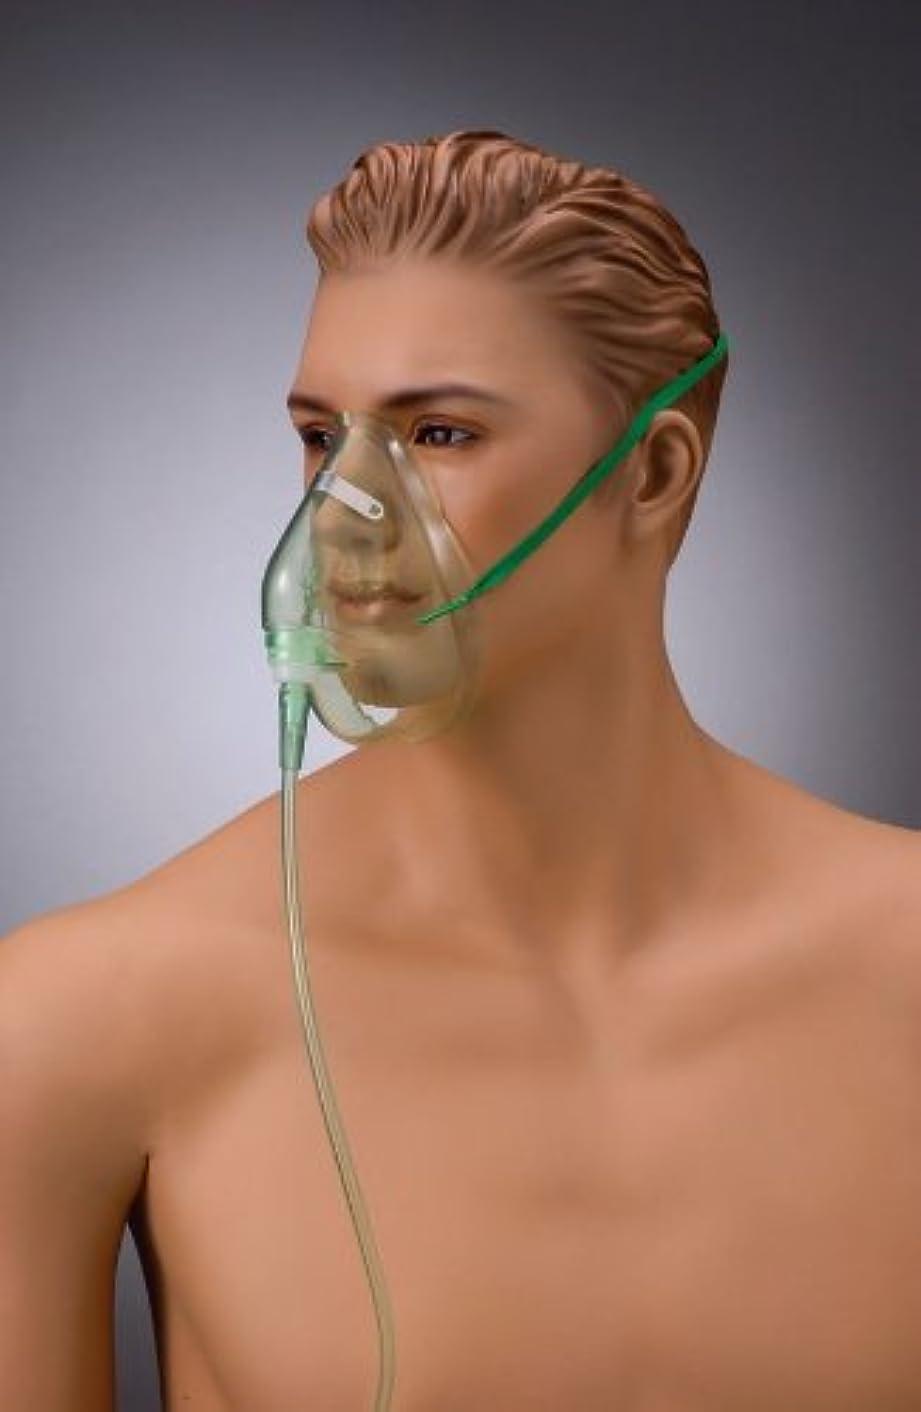 信頼性のある電圧洪水酸素フェイスマスクS NK-30105 10個入 (スタンダードコネクター) 成人用